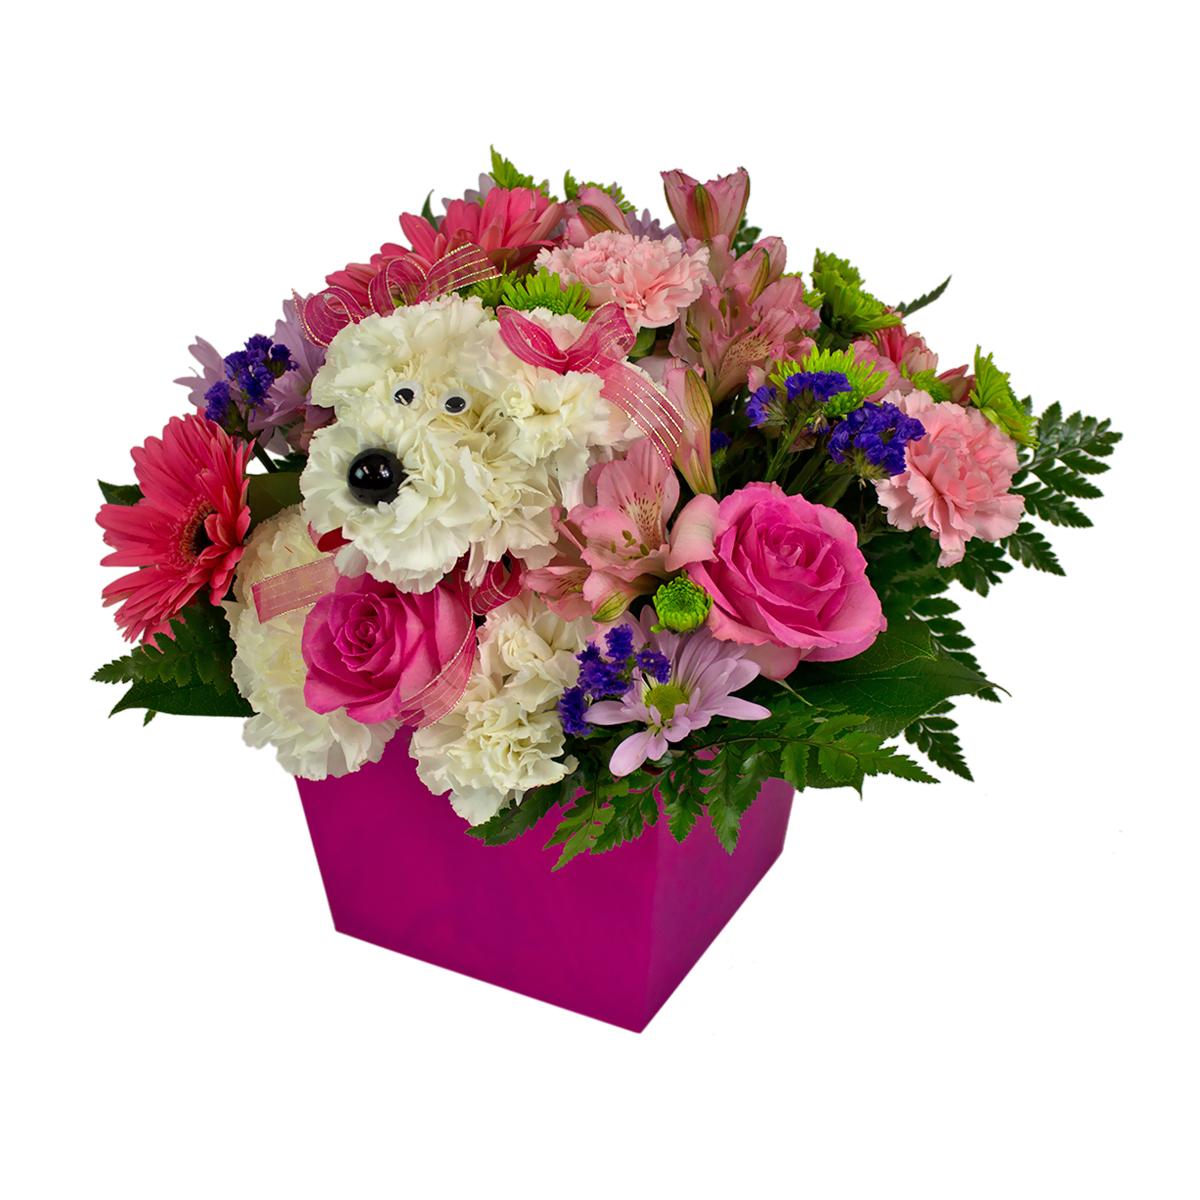 Voted Best Florist and Flower Shop in Las Vegas by Readers of Las ...